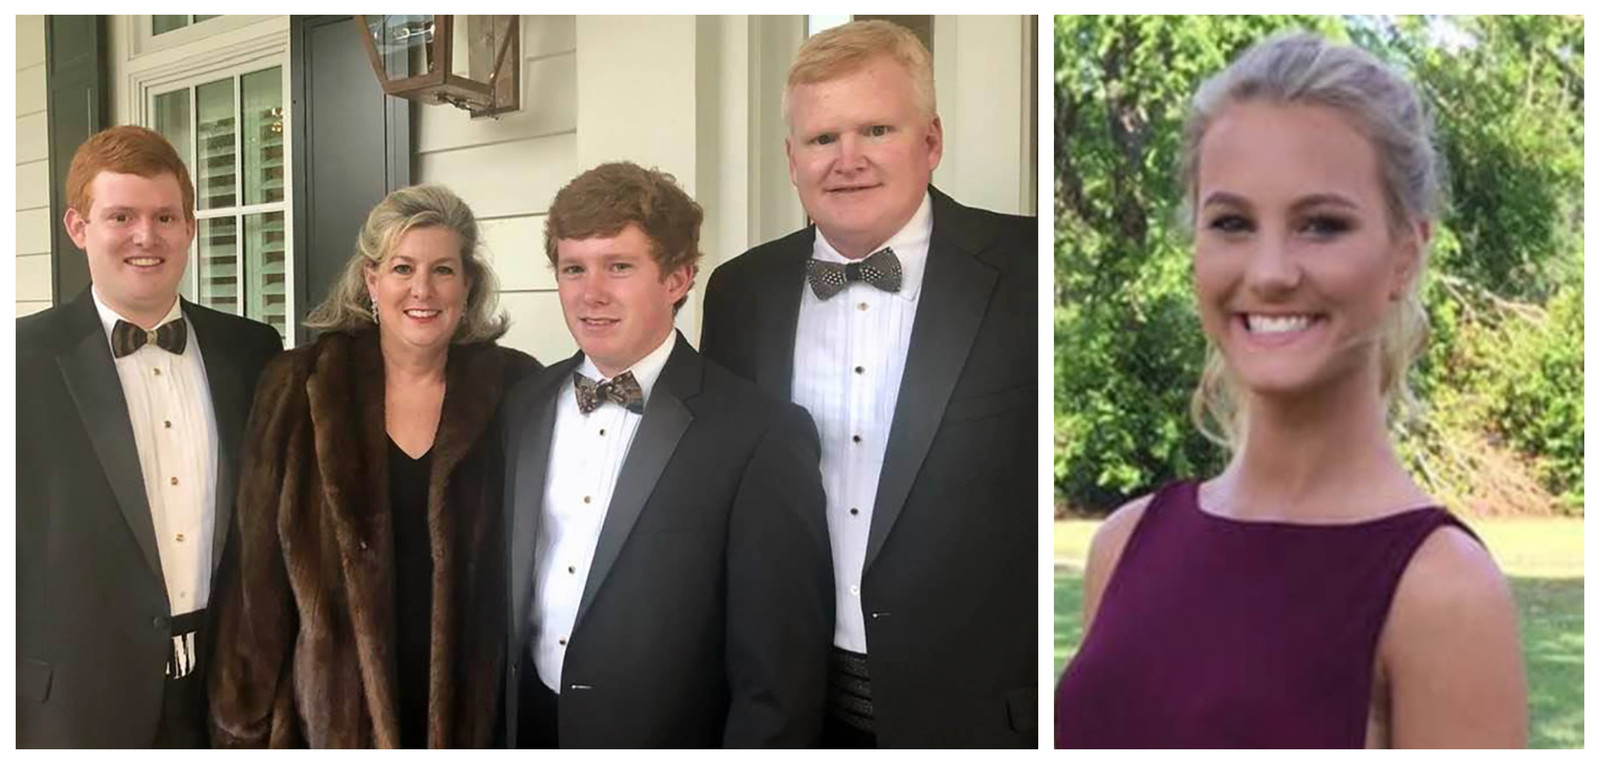 Paul (22) (midden) en zijn moeder Maggie (52) Murdaugh zijn maandagavond dood gevonden.  Hun lichamen vertoonden schotwonden. Vader Alex en broer Buster blijven achter. Foto rechts: Mallory Beach (19) verdronk in 2019 bij een fataal bootongeluk.